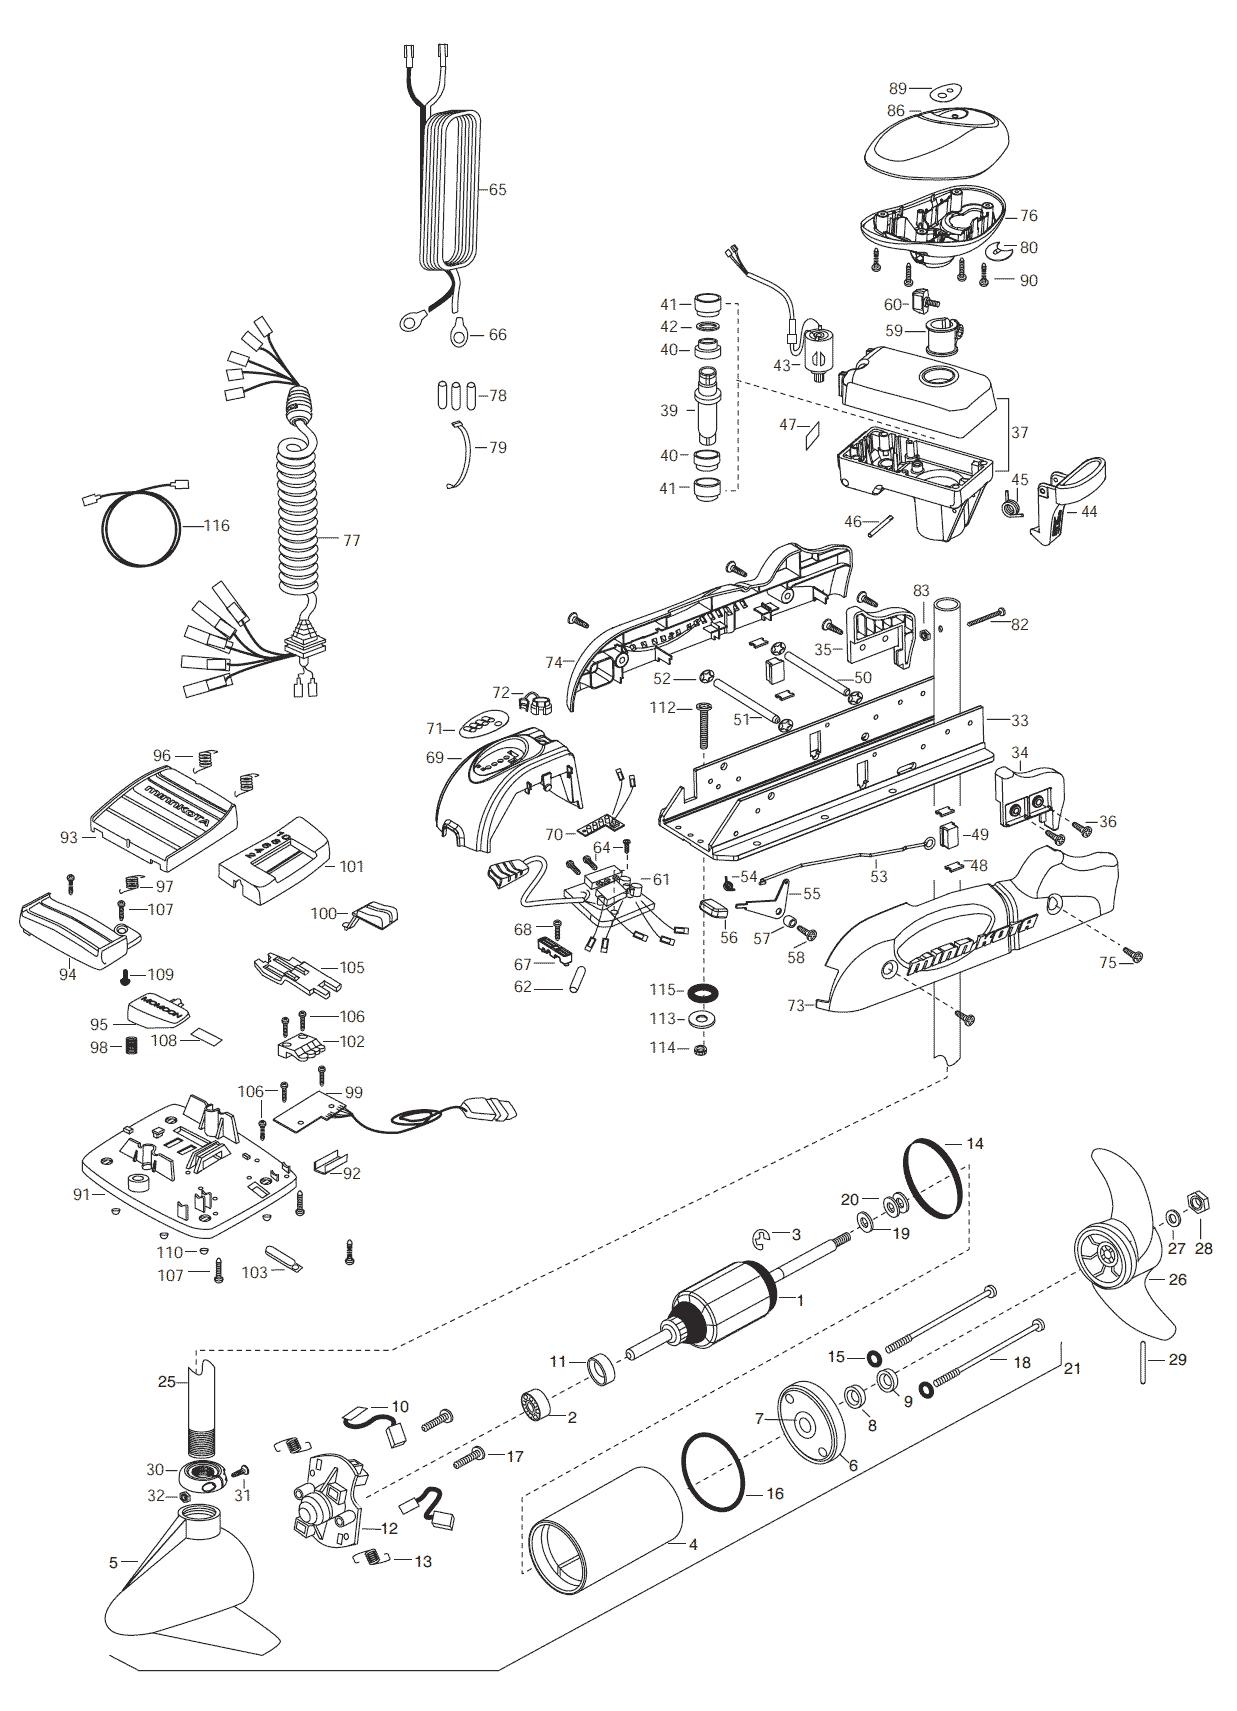 Minn Kota Power Drive Wiring Schematic Motorguide Trolling Motor. Minn Kota Wiring Diagram Power Drive With Posts. Wiring. 12v Wiring Schematic For Minn Kota Deckhand 40 At Scoala.co